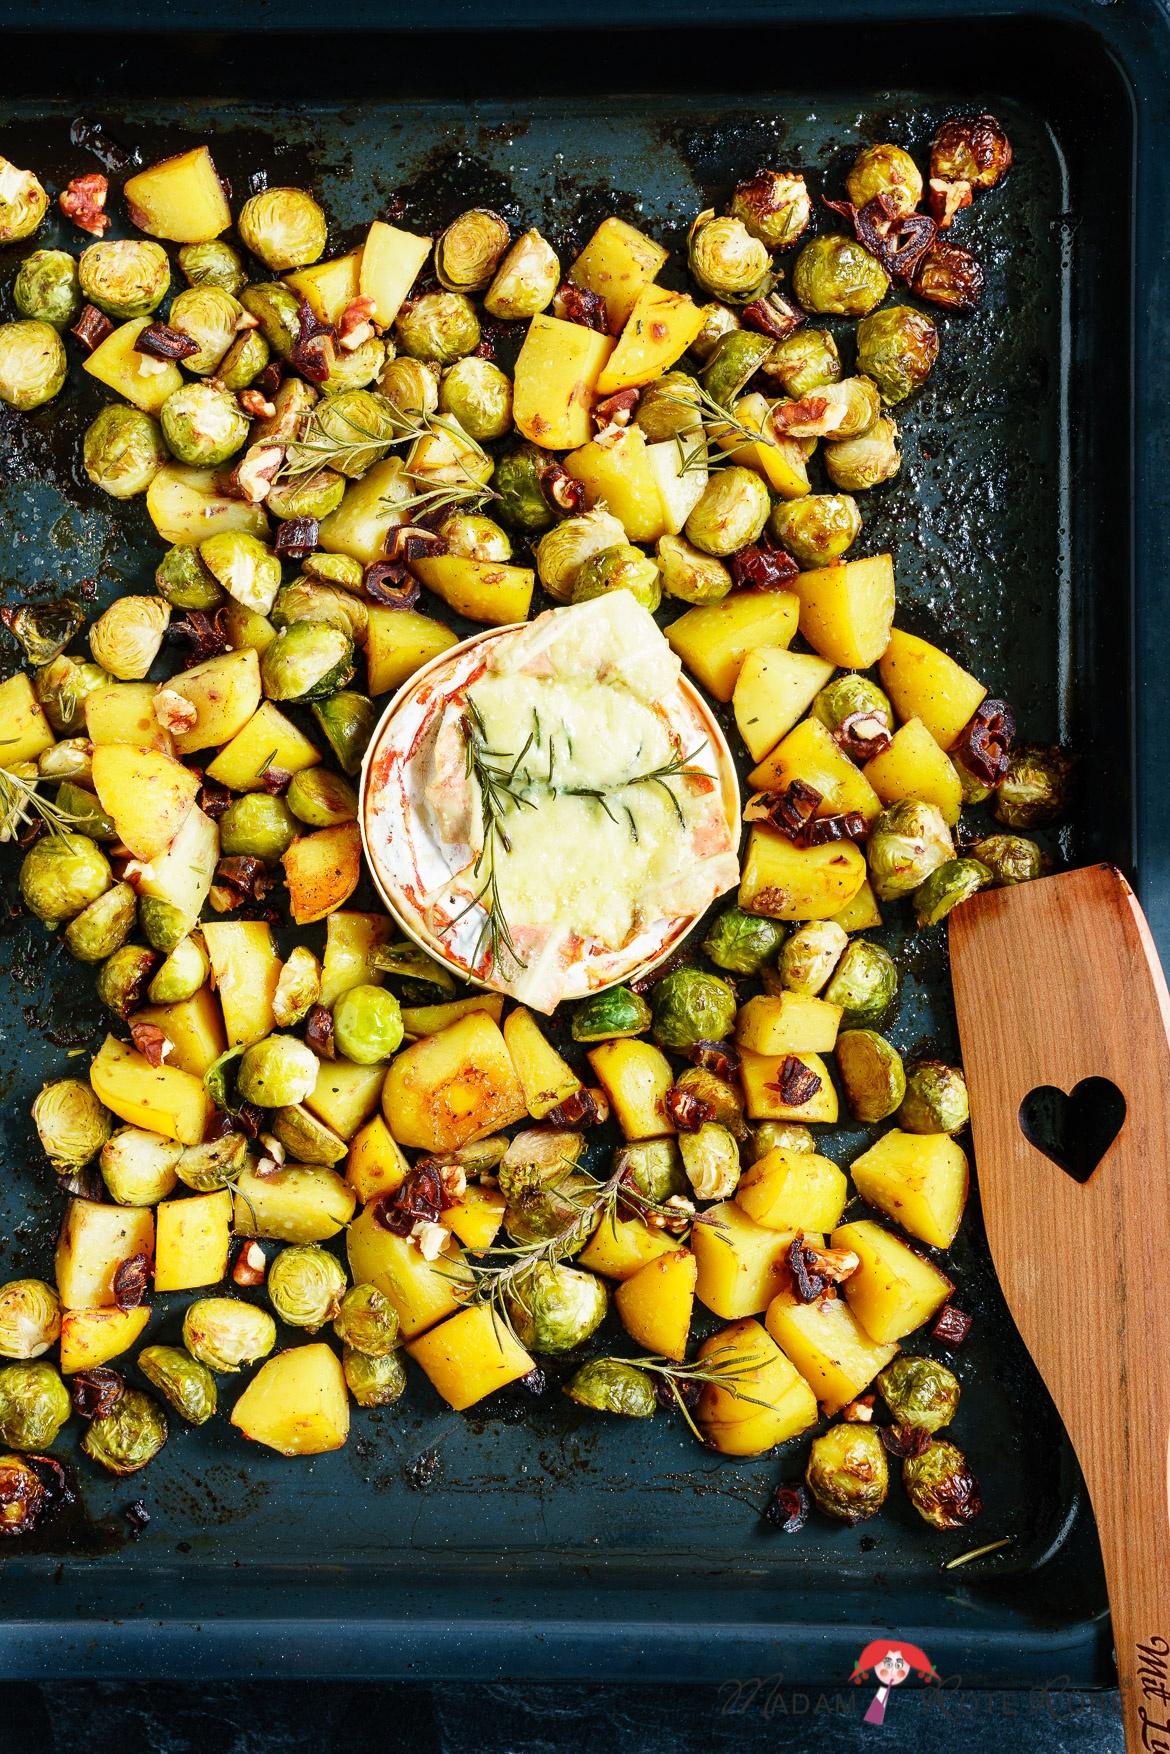 Madam Rote Rübe - Rosenkohl-Kartoffel-Backofengemüse mit cremigen Ofenkäse, Datteln und Walnüsse